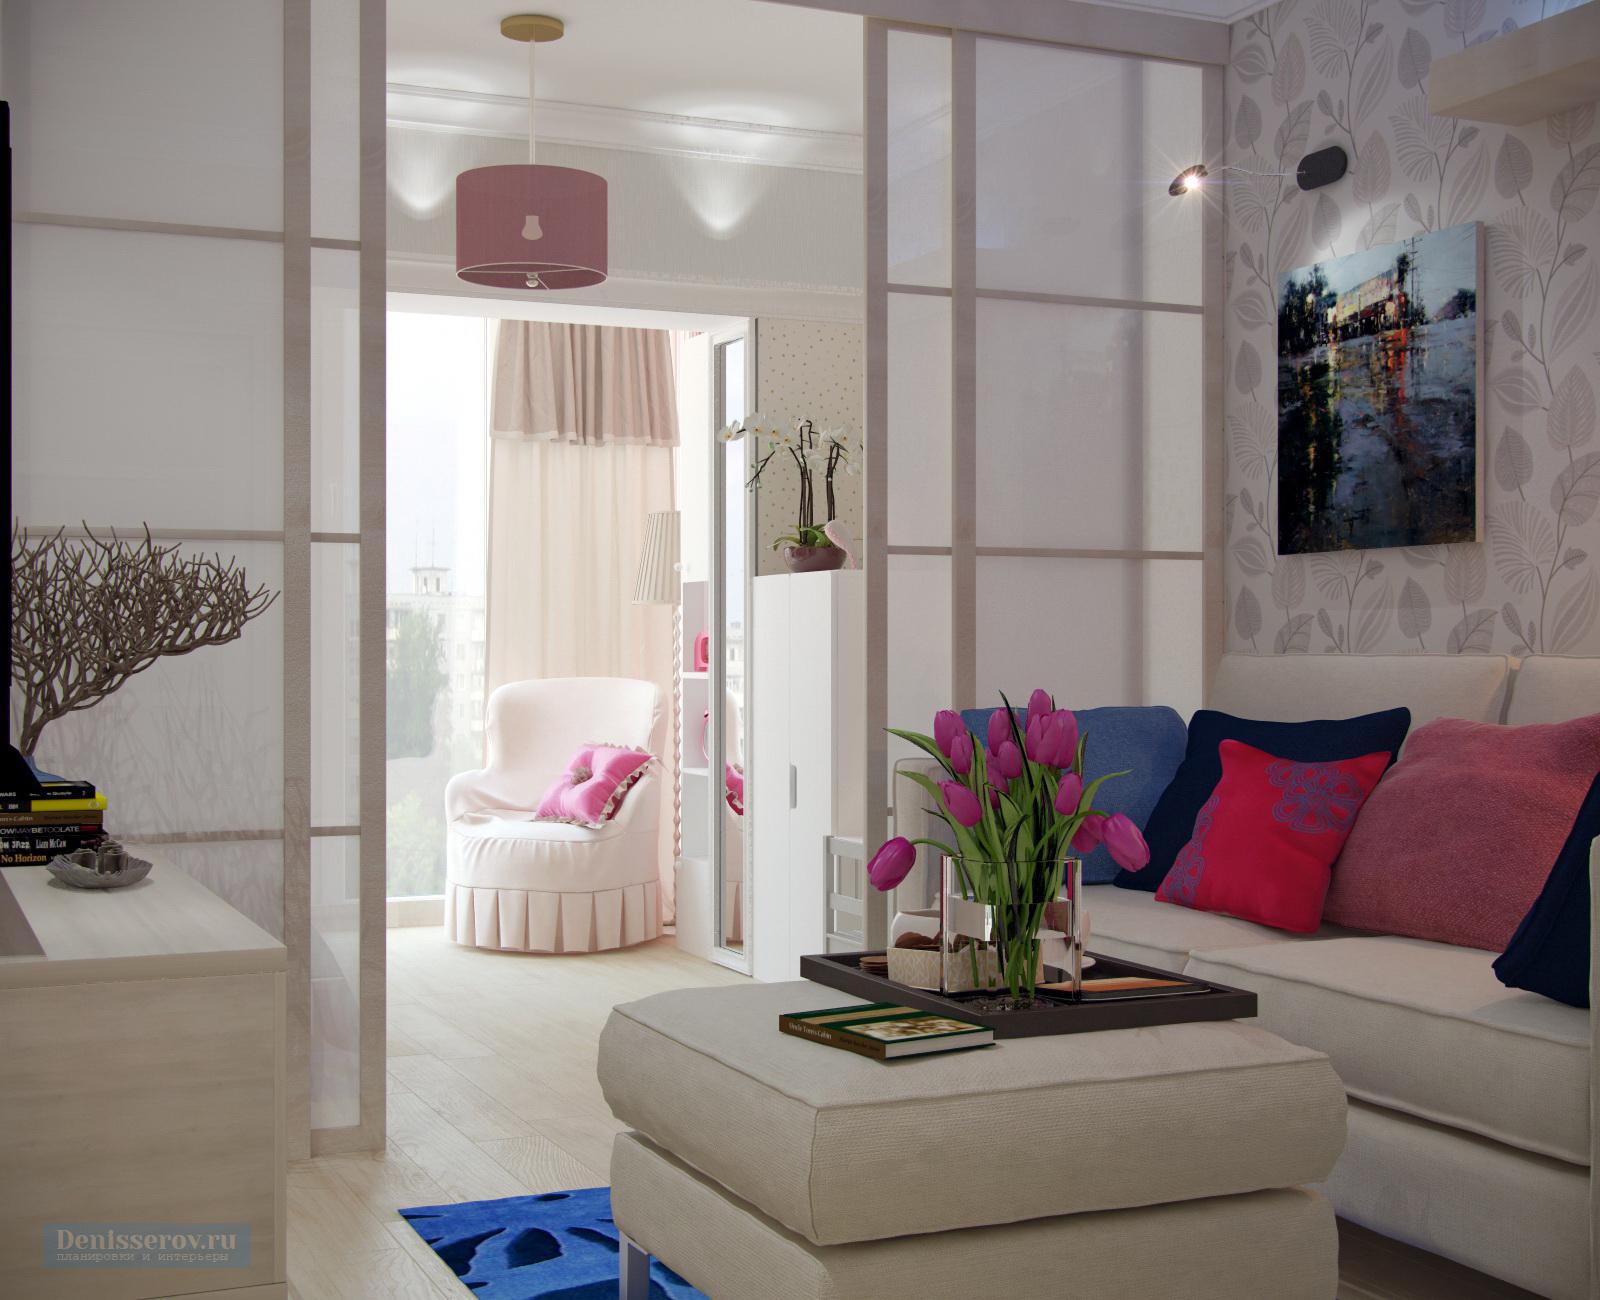 Дизайн гостиной с ребенком фото